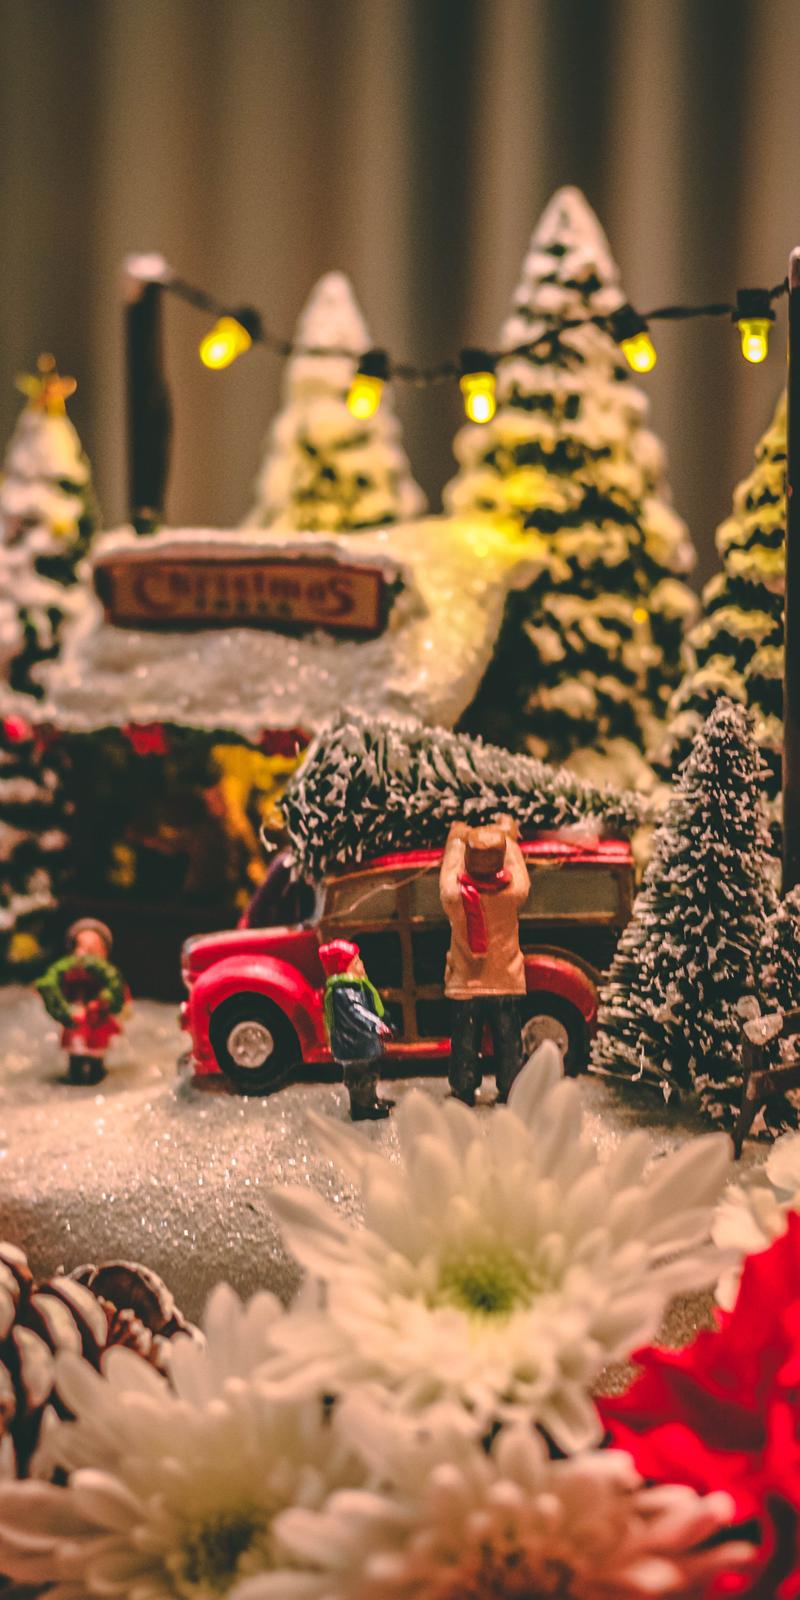 아이폰 크리스마스 감성 배경화면 고화질 잠금화면 네이버 블로그 크리스마스 배경 이미지 크리스마스 마켓 크리스마스 트리